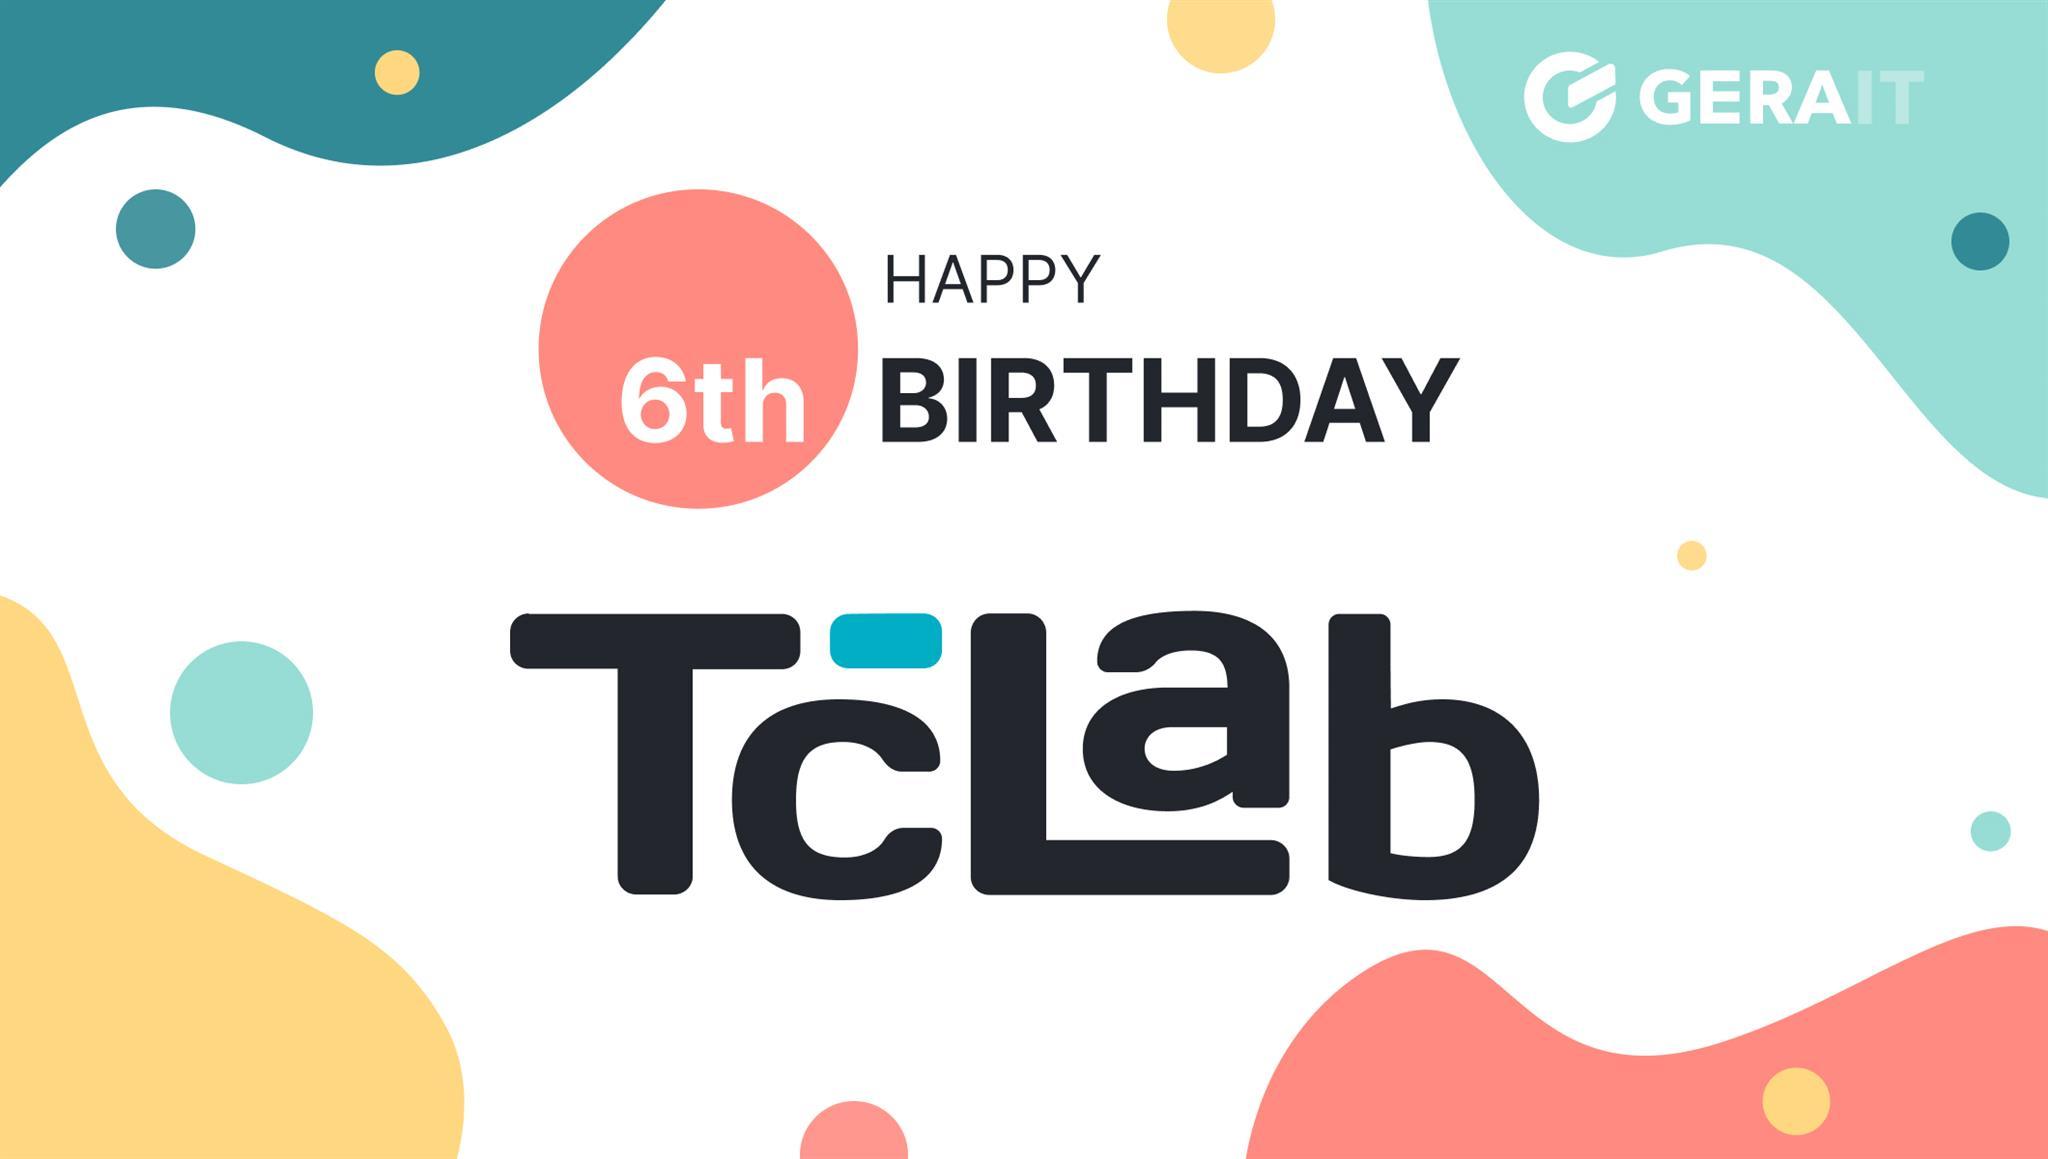 TestCaseLab turned 6 years